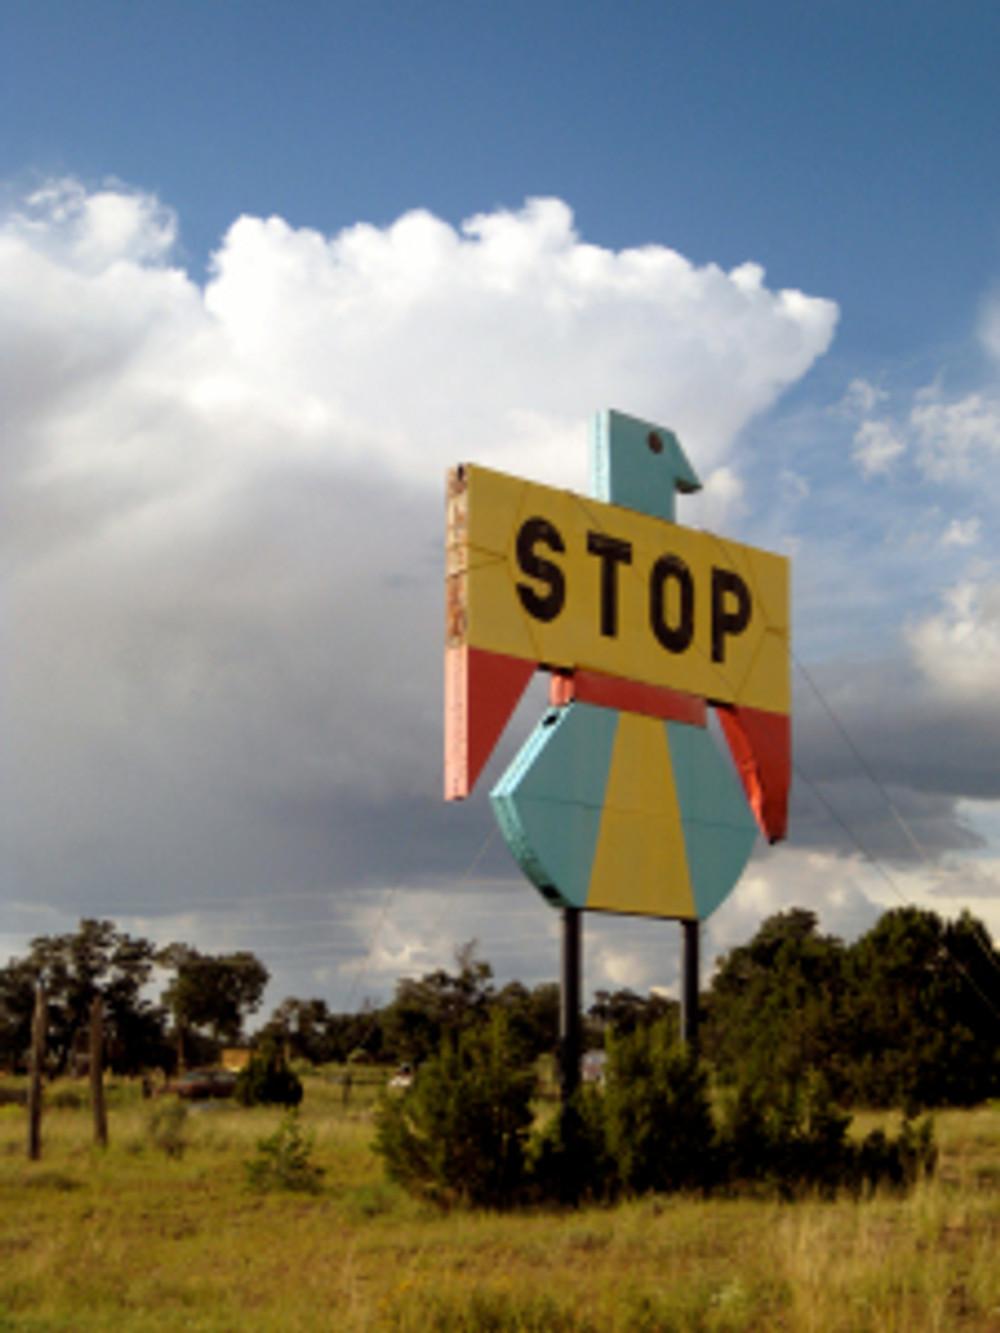 Stop in Pietown